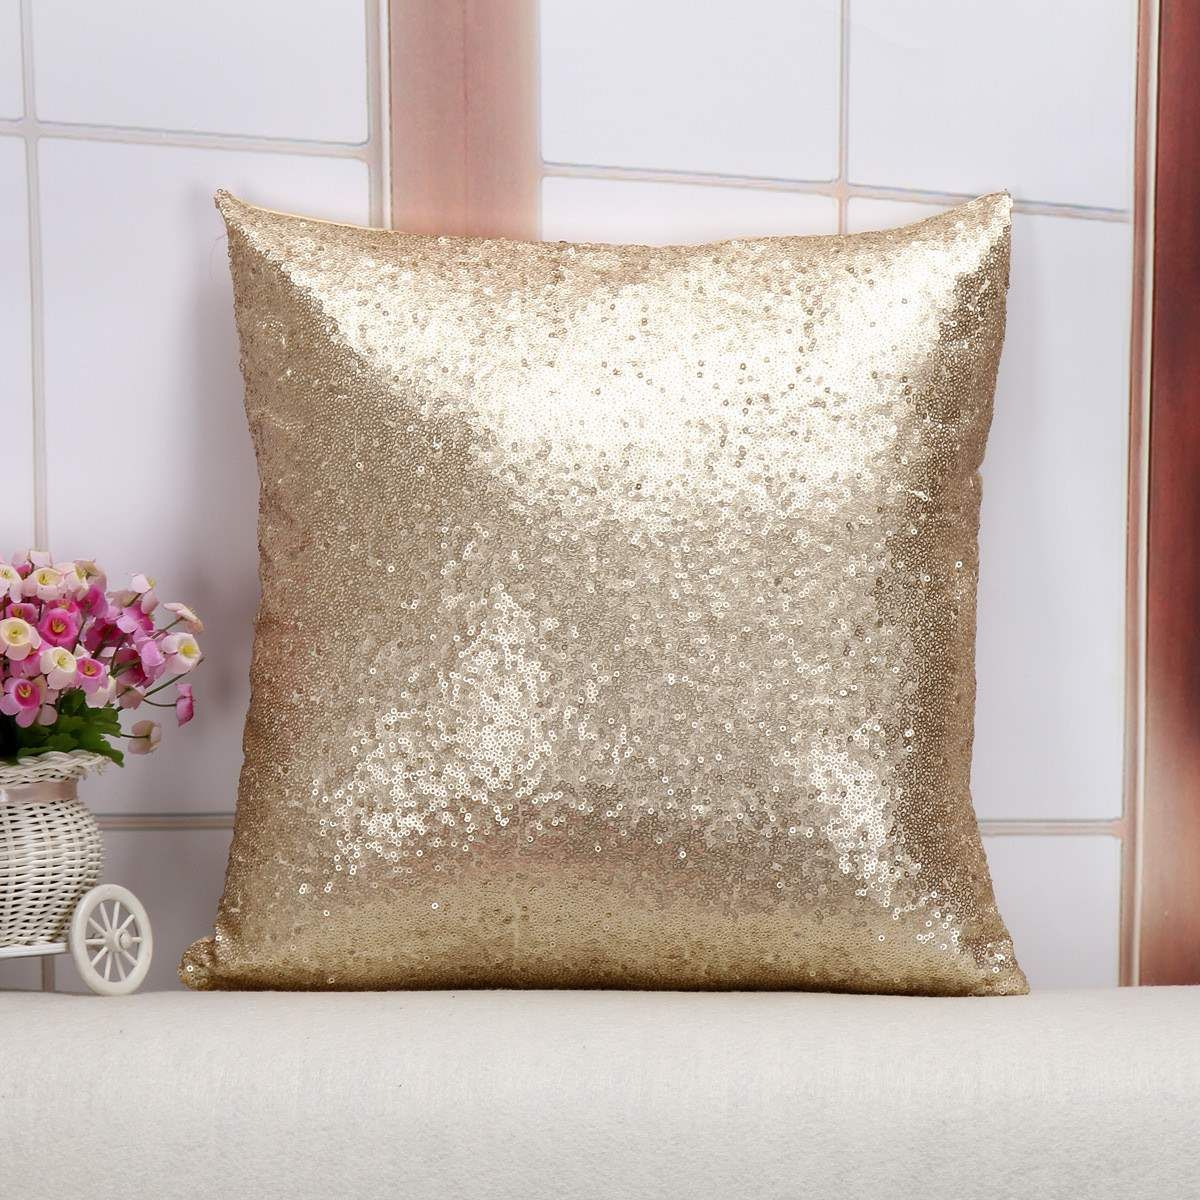 Günstige Kissen Fall Glitter Pailletten Einfarbig Werfen